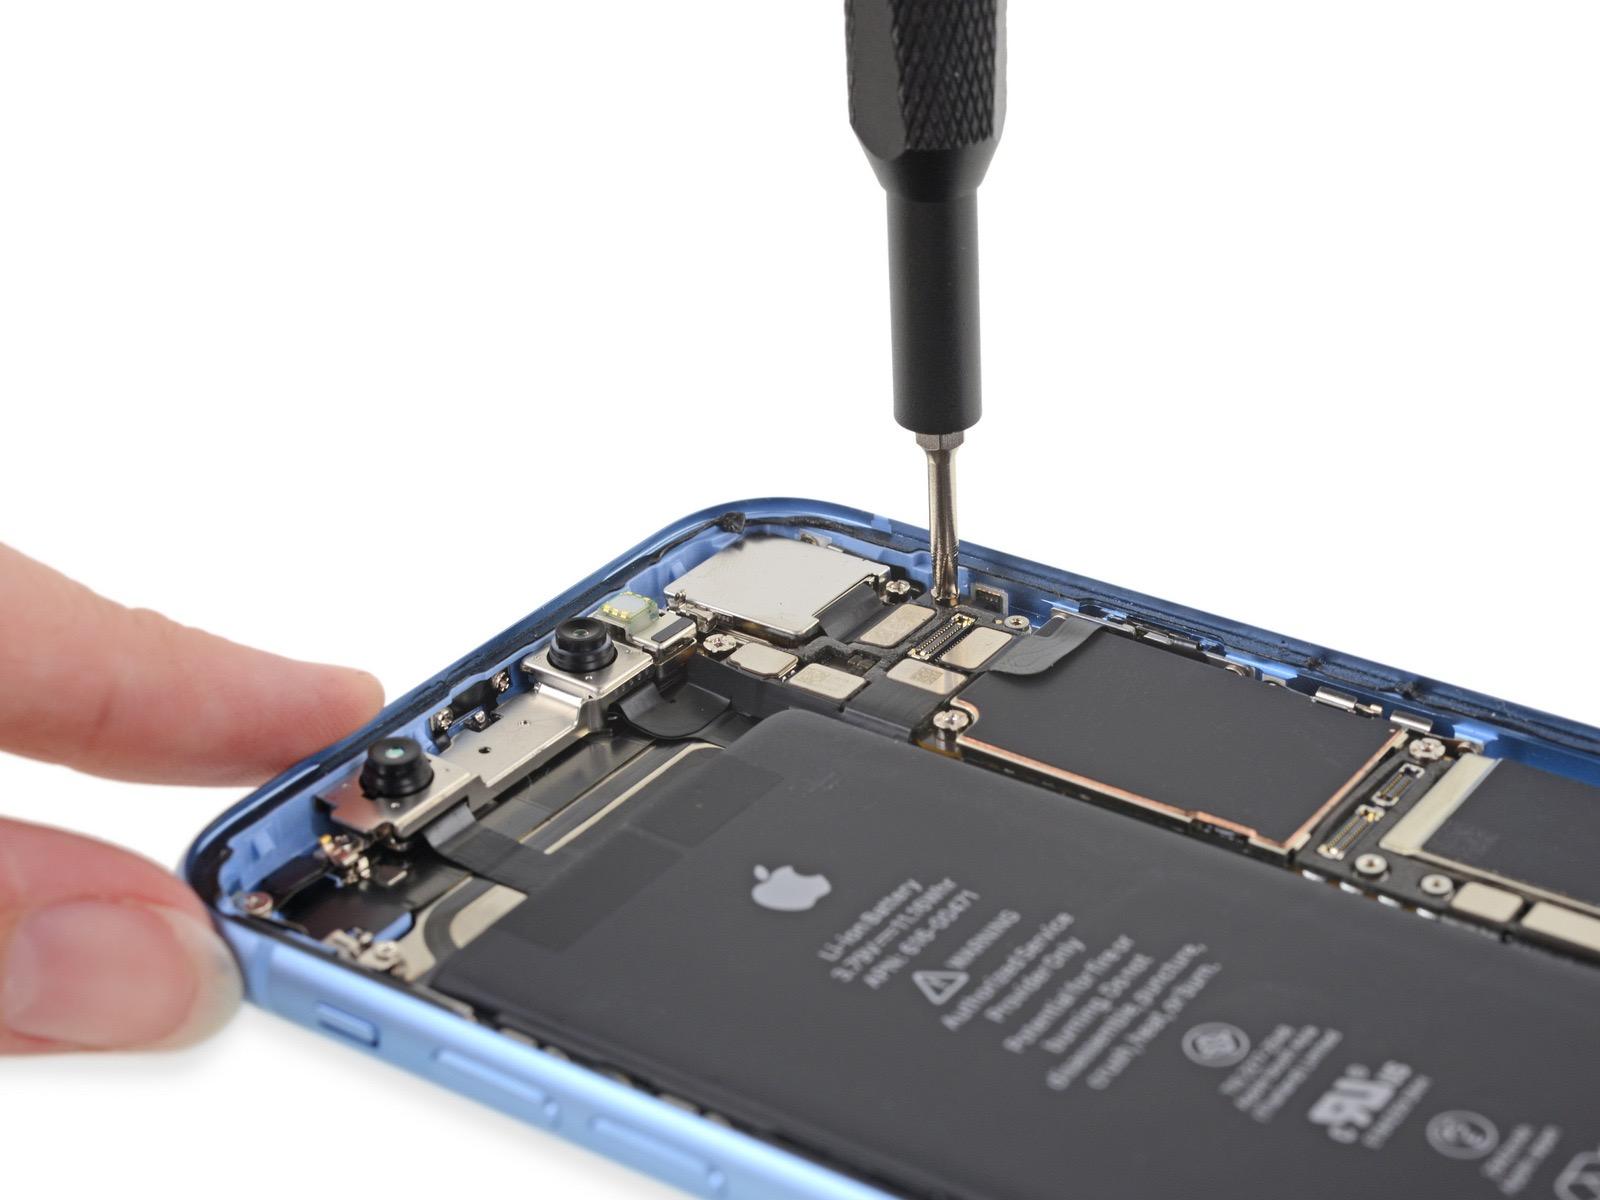 C'est vérifié, l'iPhone XR a une meilleure autonomie que l'iPhone XS Max (entre autres) 1